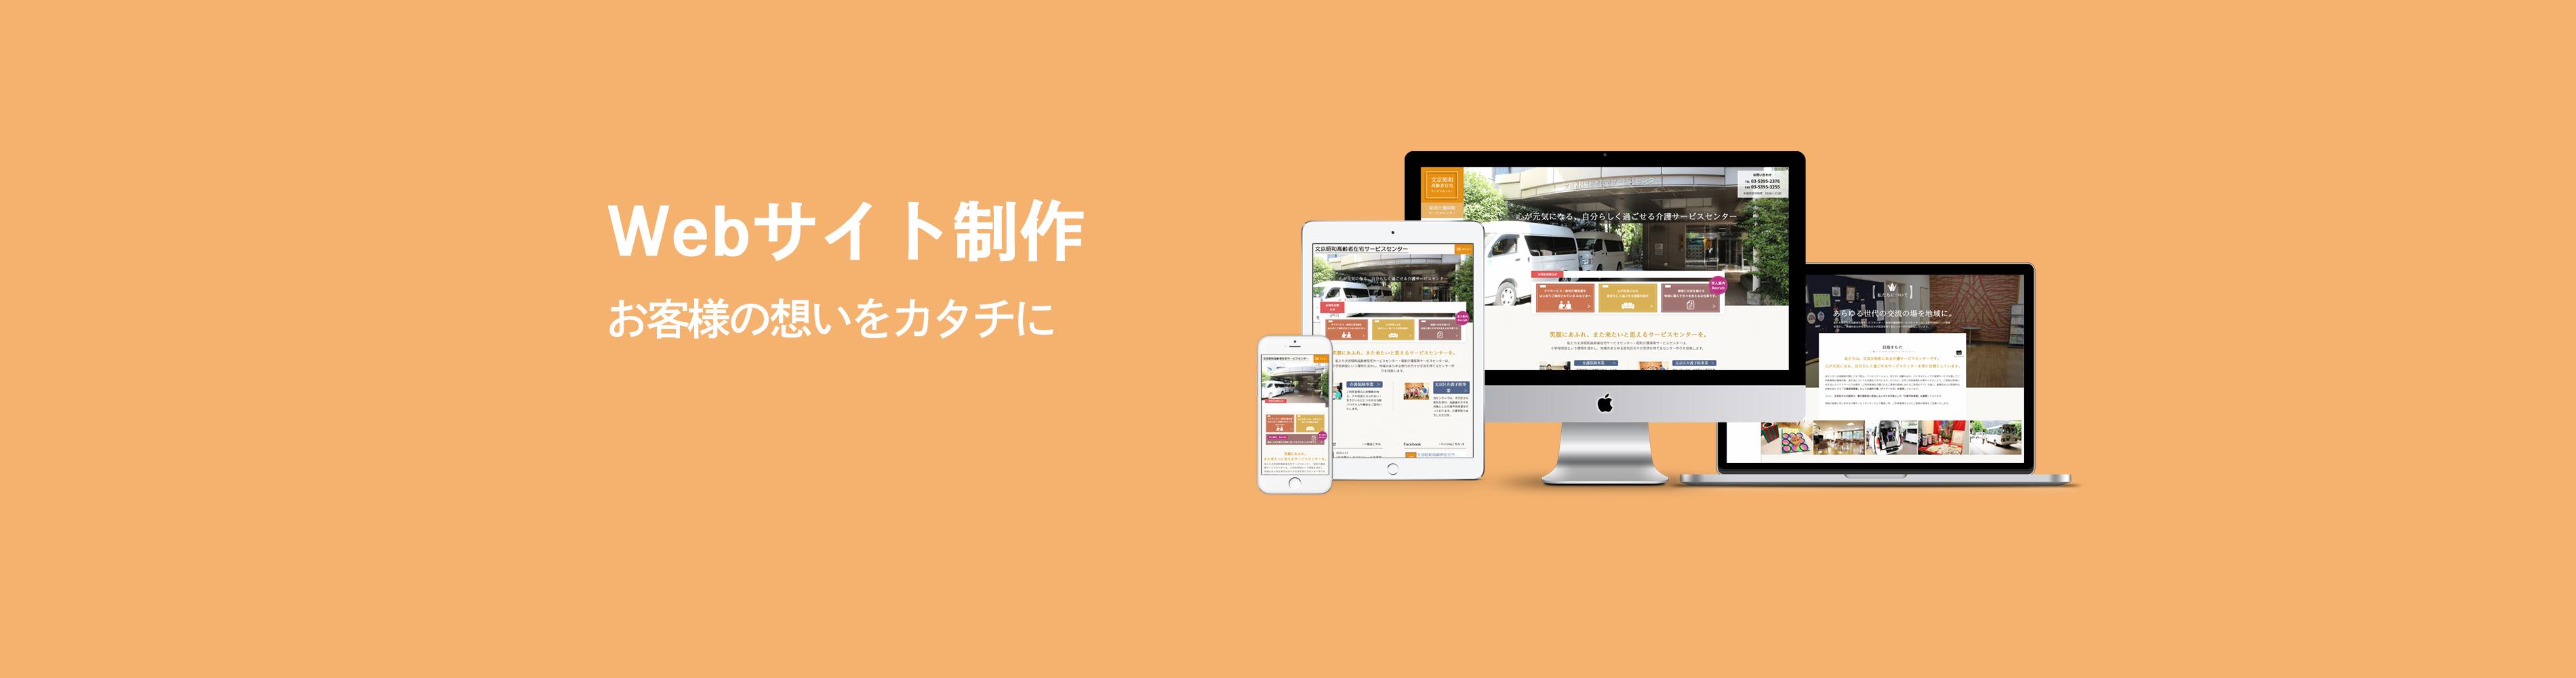 スマホ対応のホームページ作成サービス|本郷サイエンステクノ